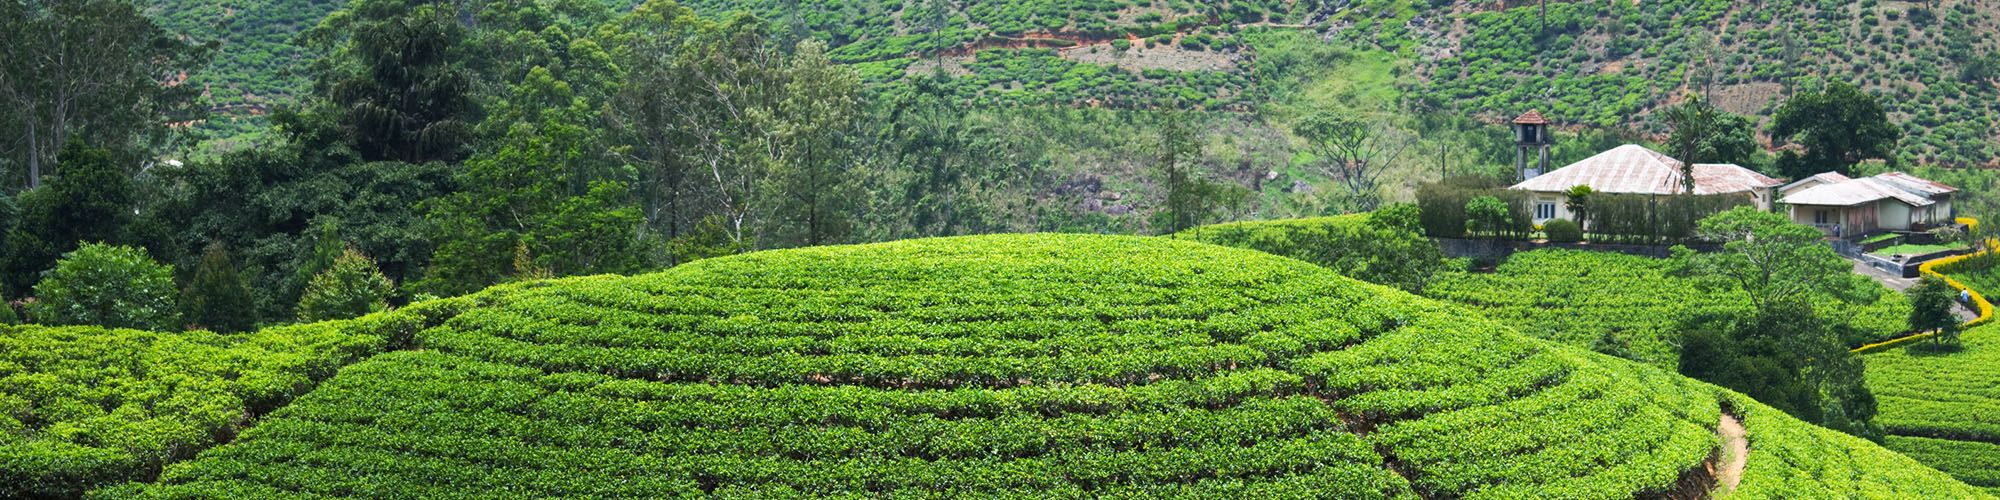 Sri Lanka, Tea estates, Bandarawela